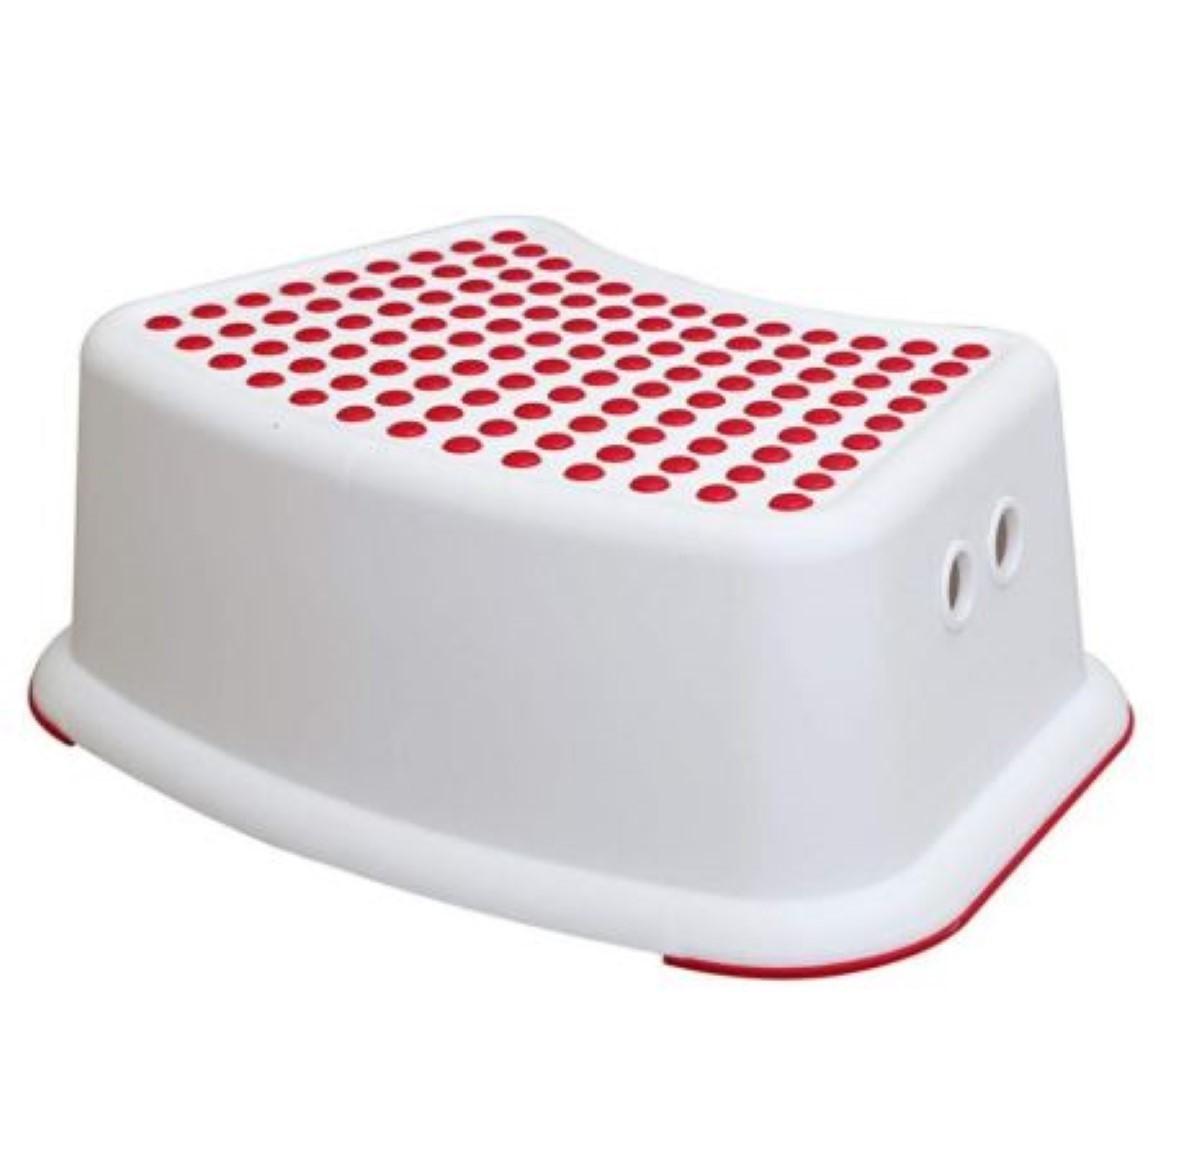 Degrau Banquinho Leve Portatil Antiderrapante Segurança Para Os Pequenos Tranquilidade Para Mamae Vermelho Buba Baby.